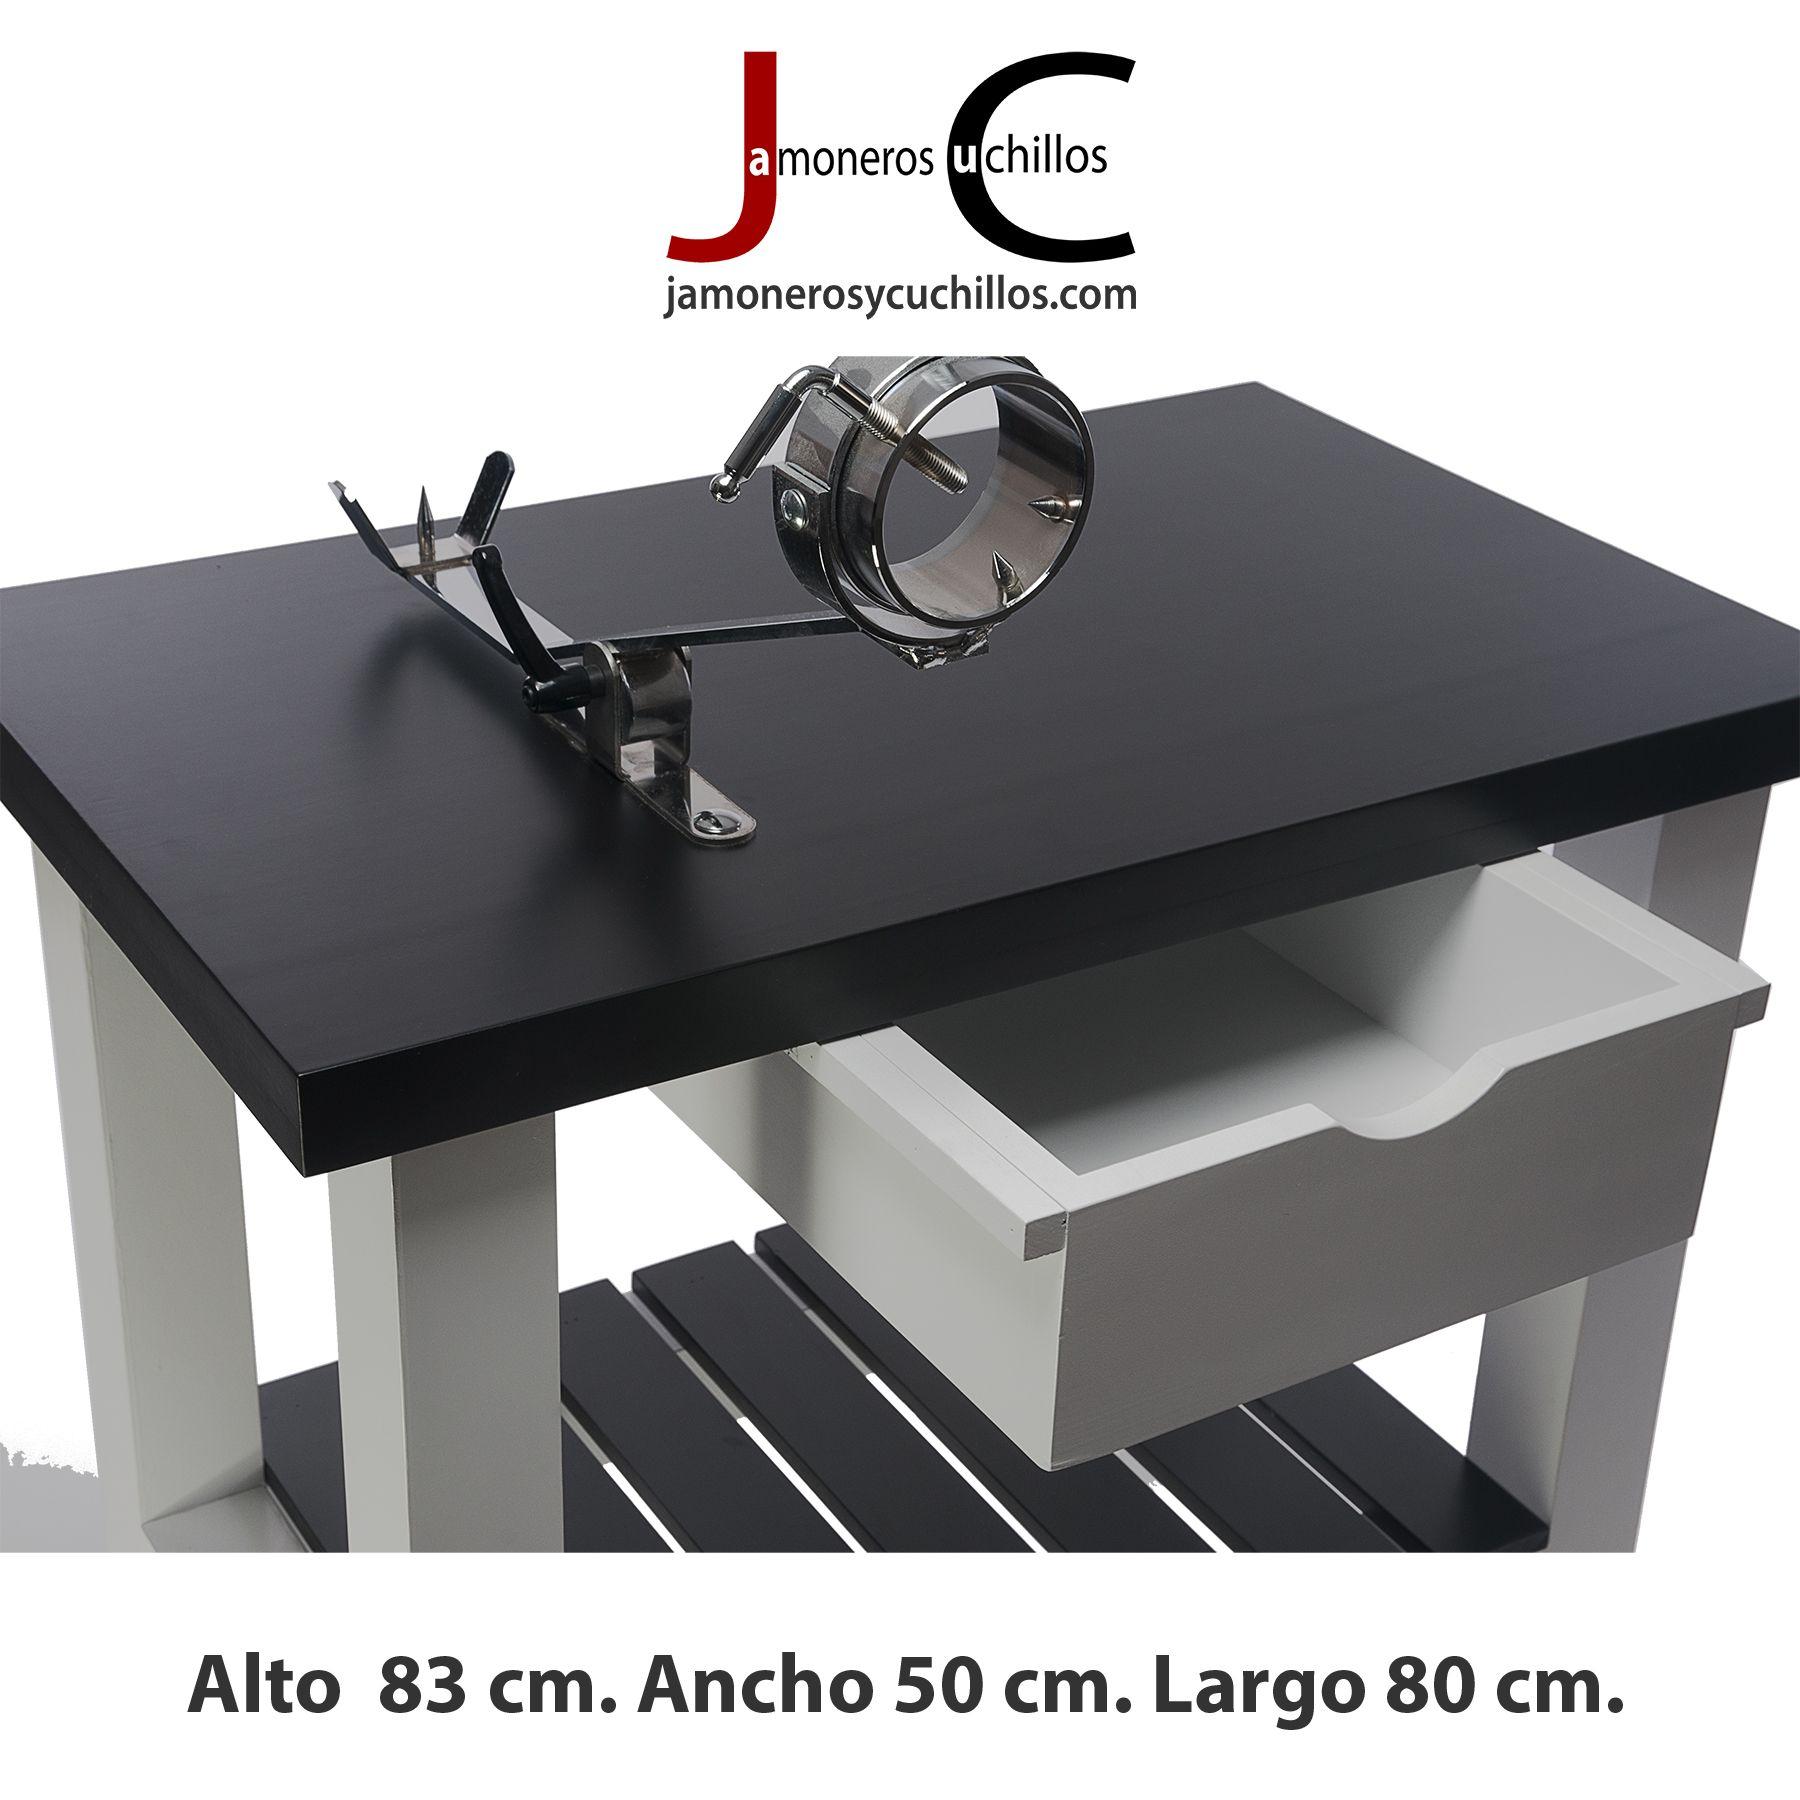 mesa jamonera lacada colores blanco y negro con jamonero balancin